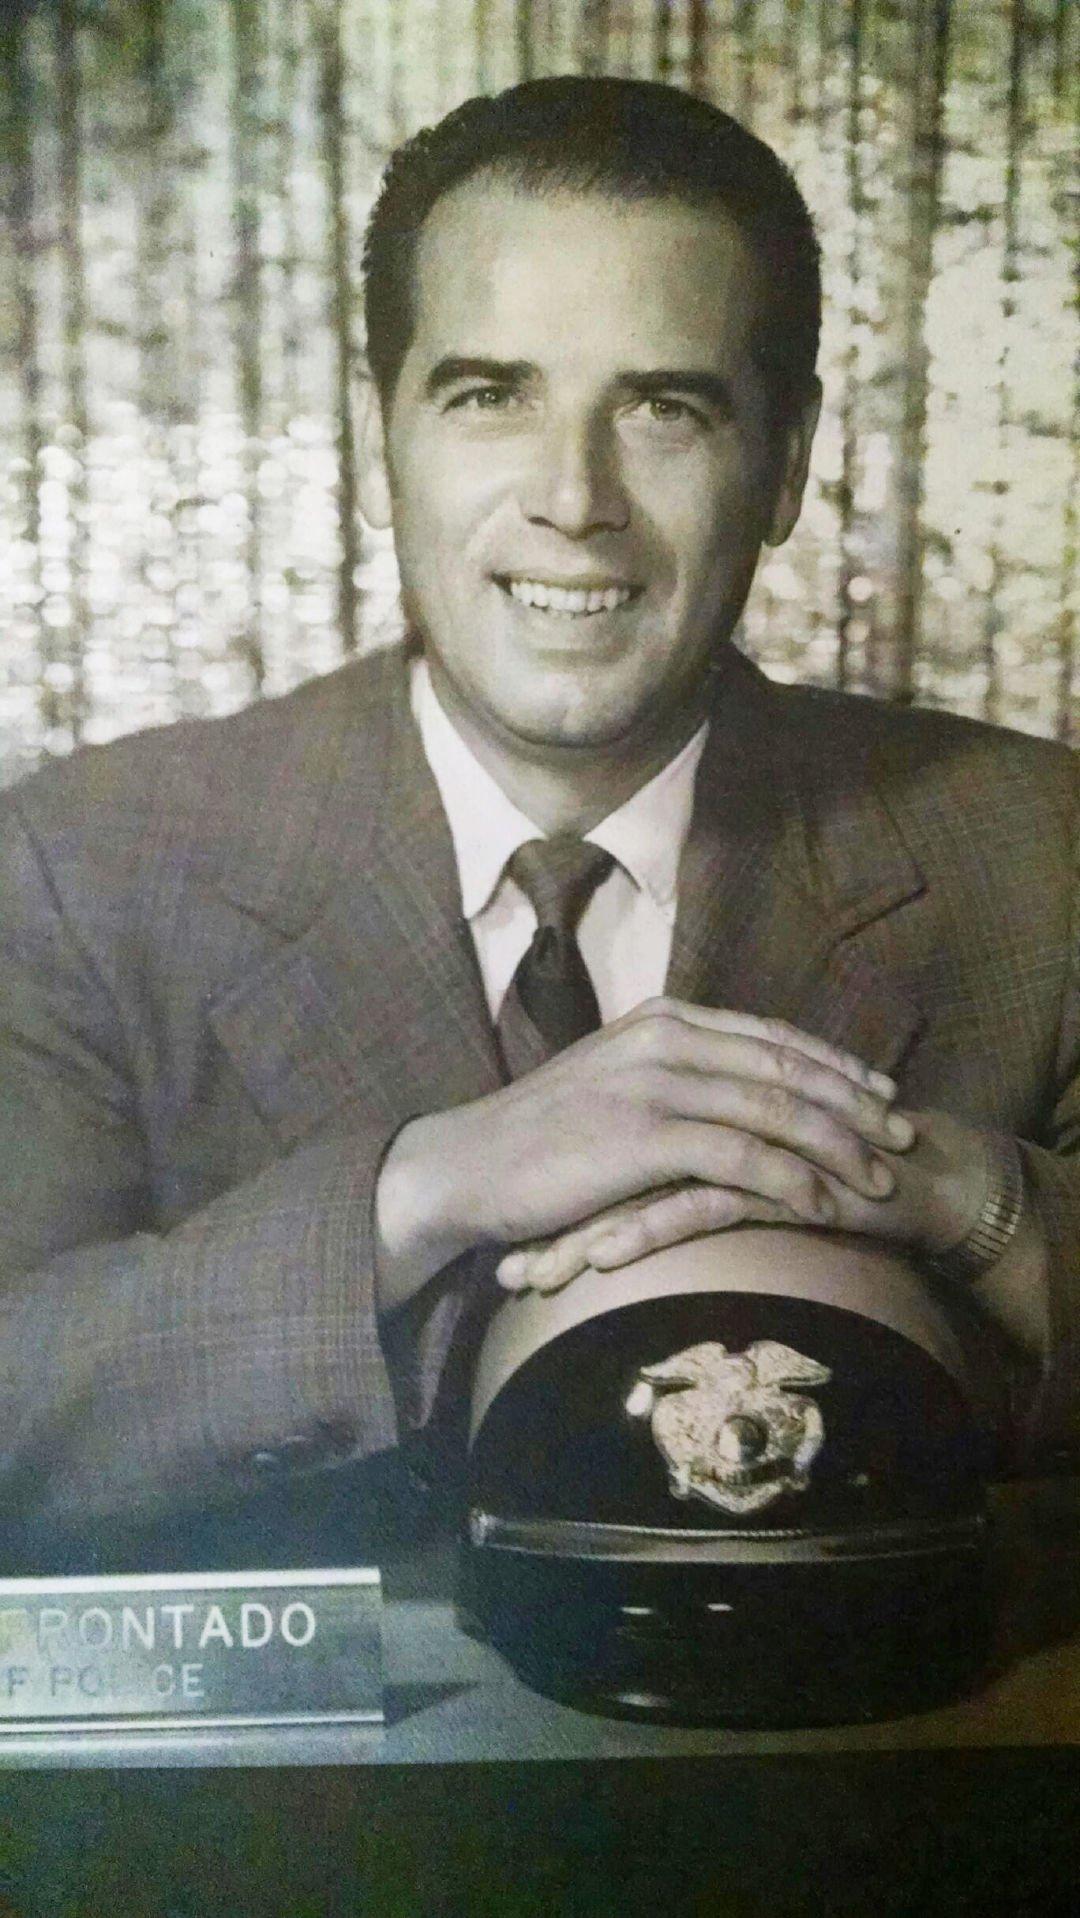 John Raymond Frontado